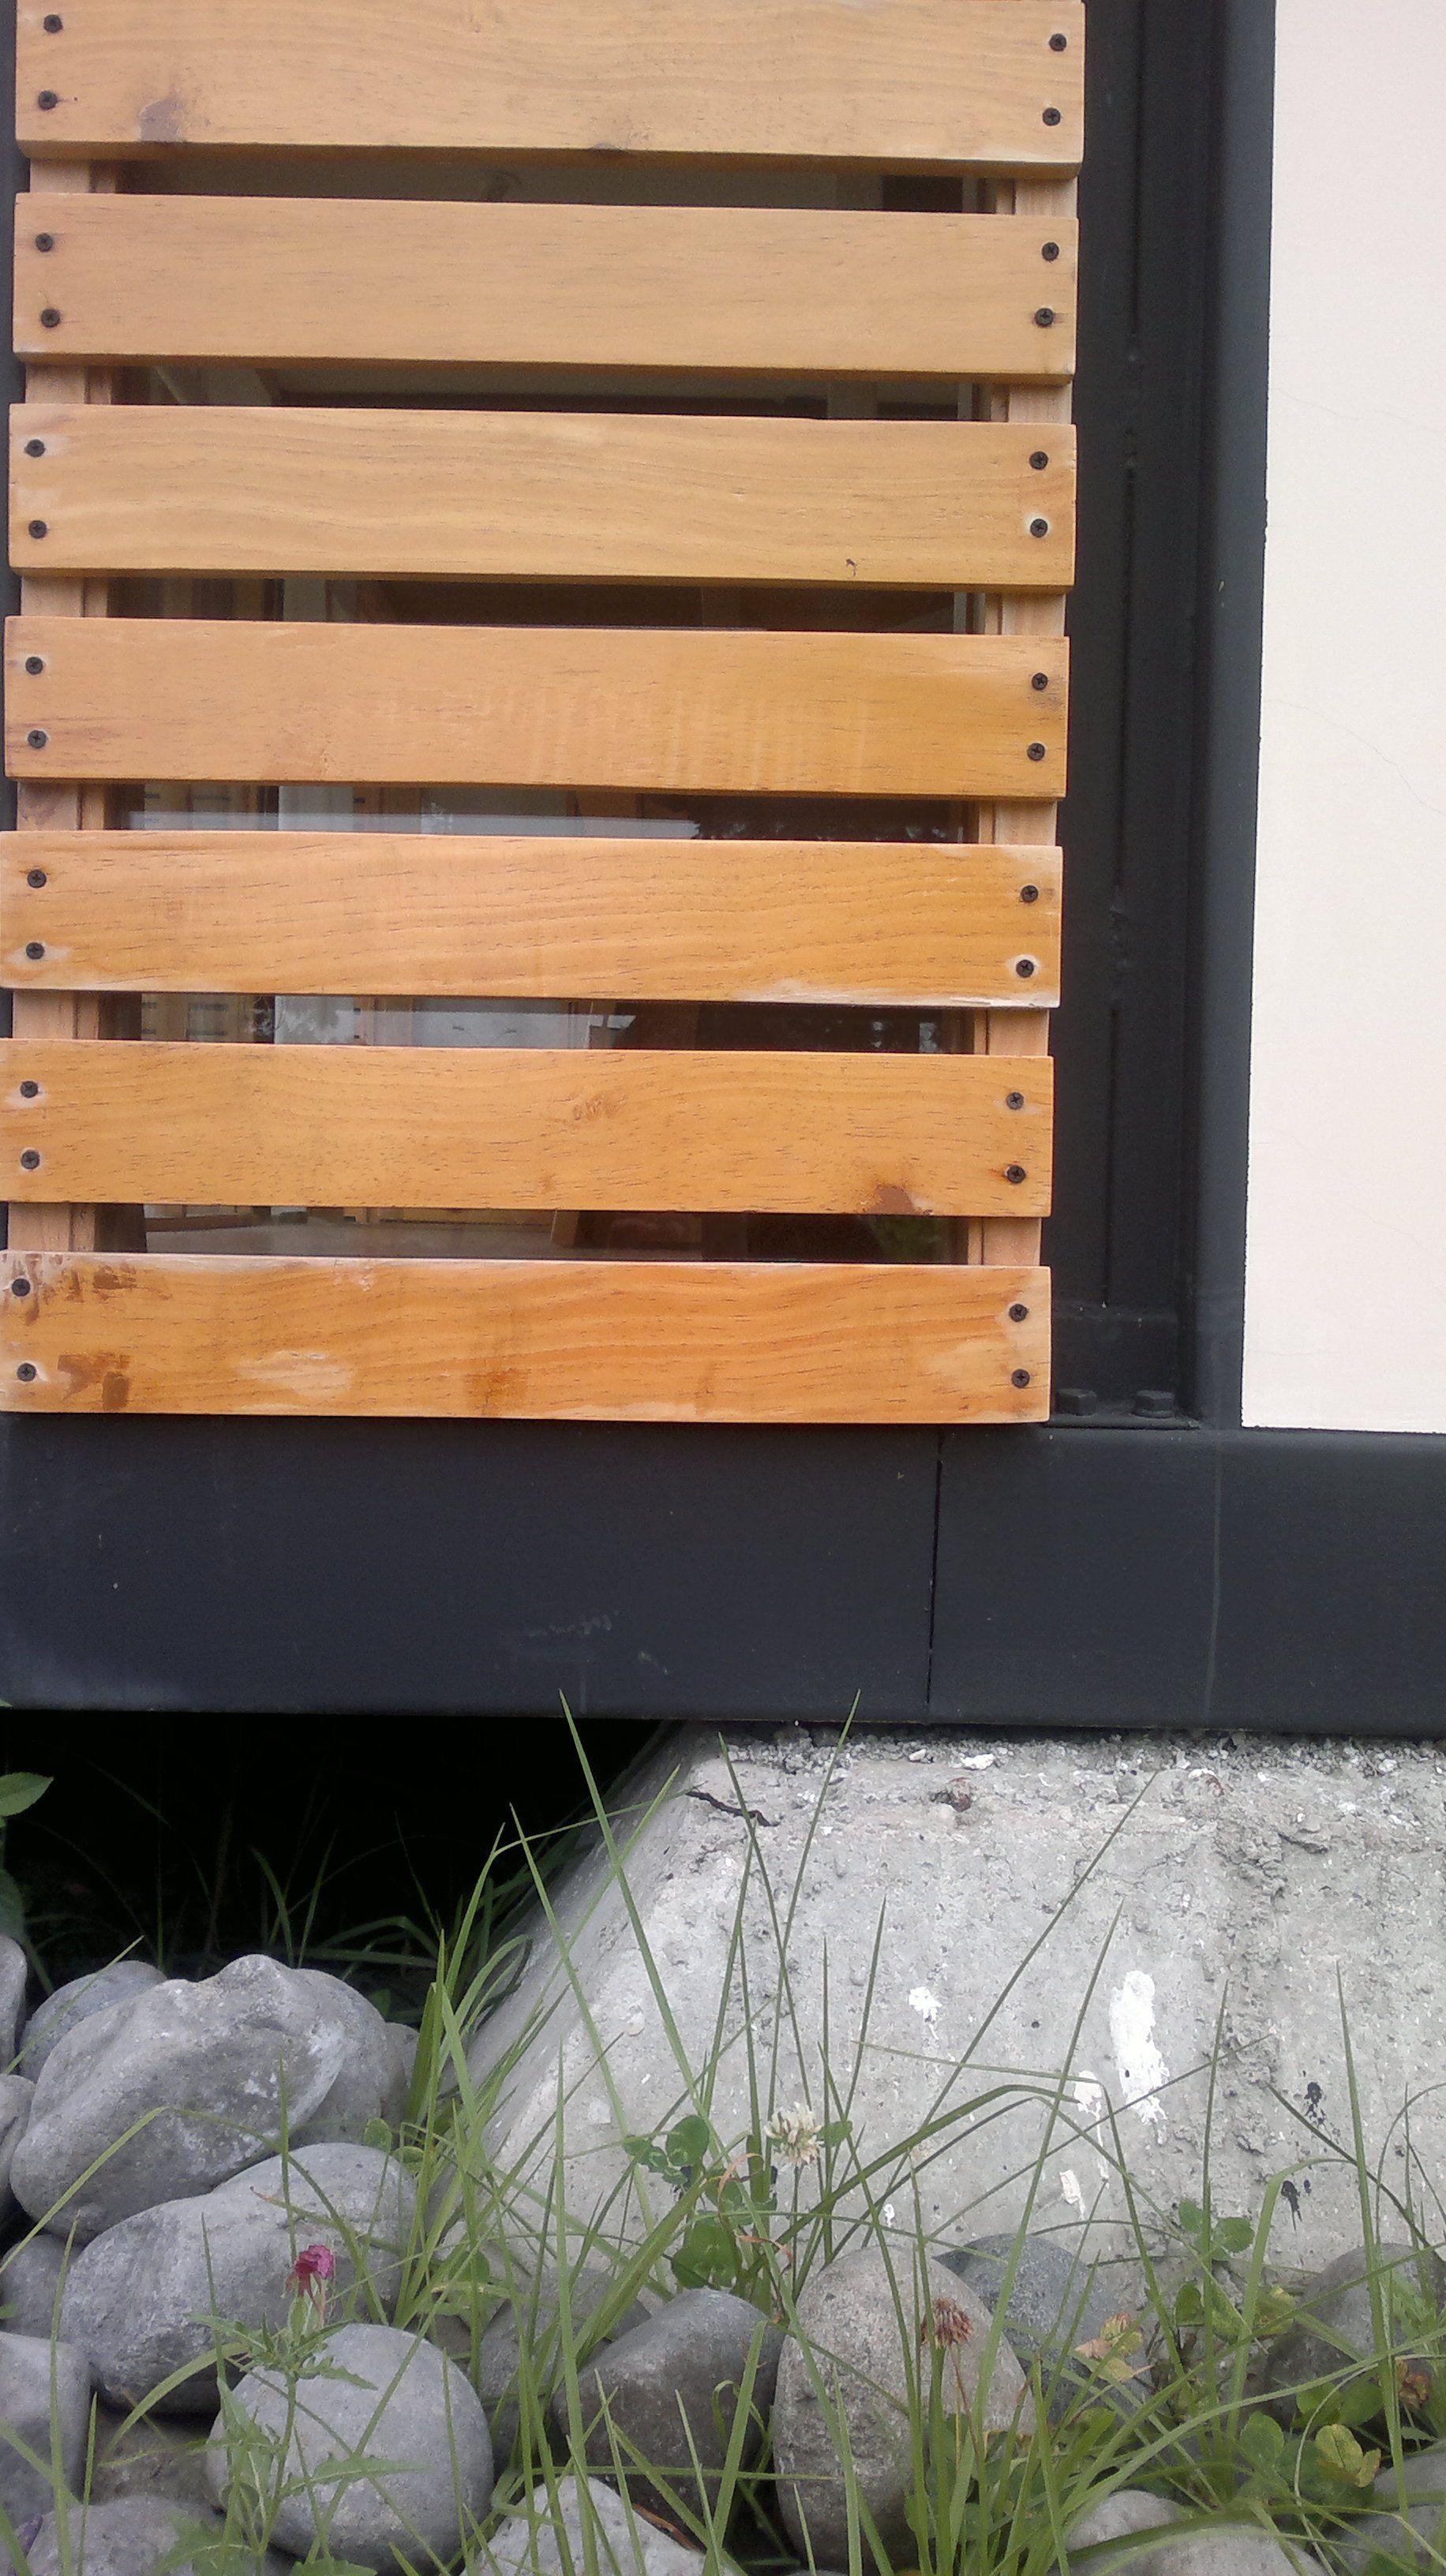 Detalle Ciimientos Viga De Piso Panelado Madera Y Paneles Dura Panel - Panelado-madera